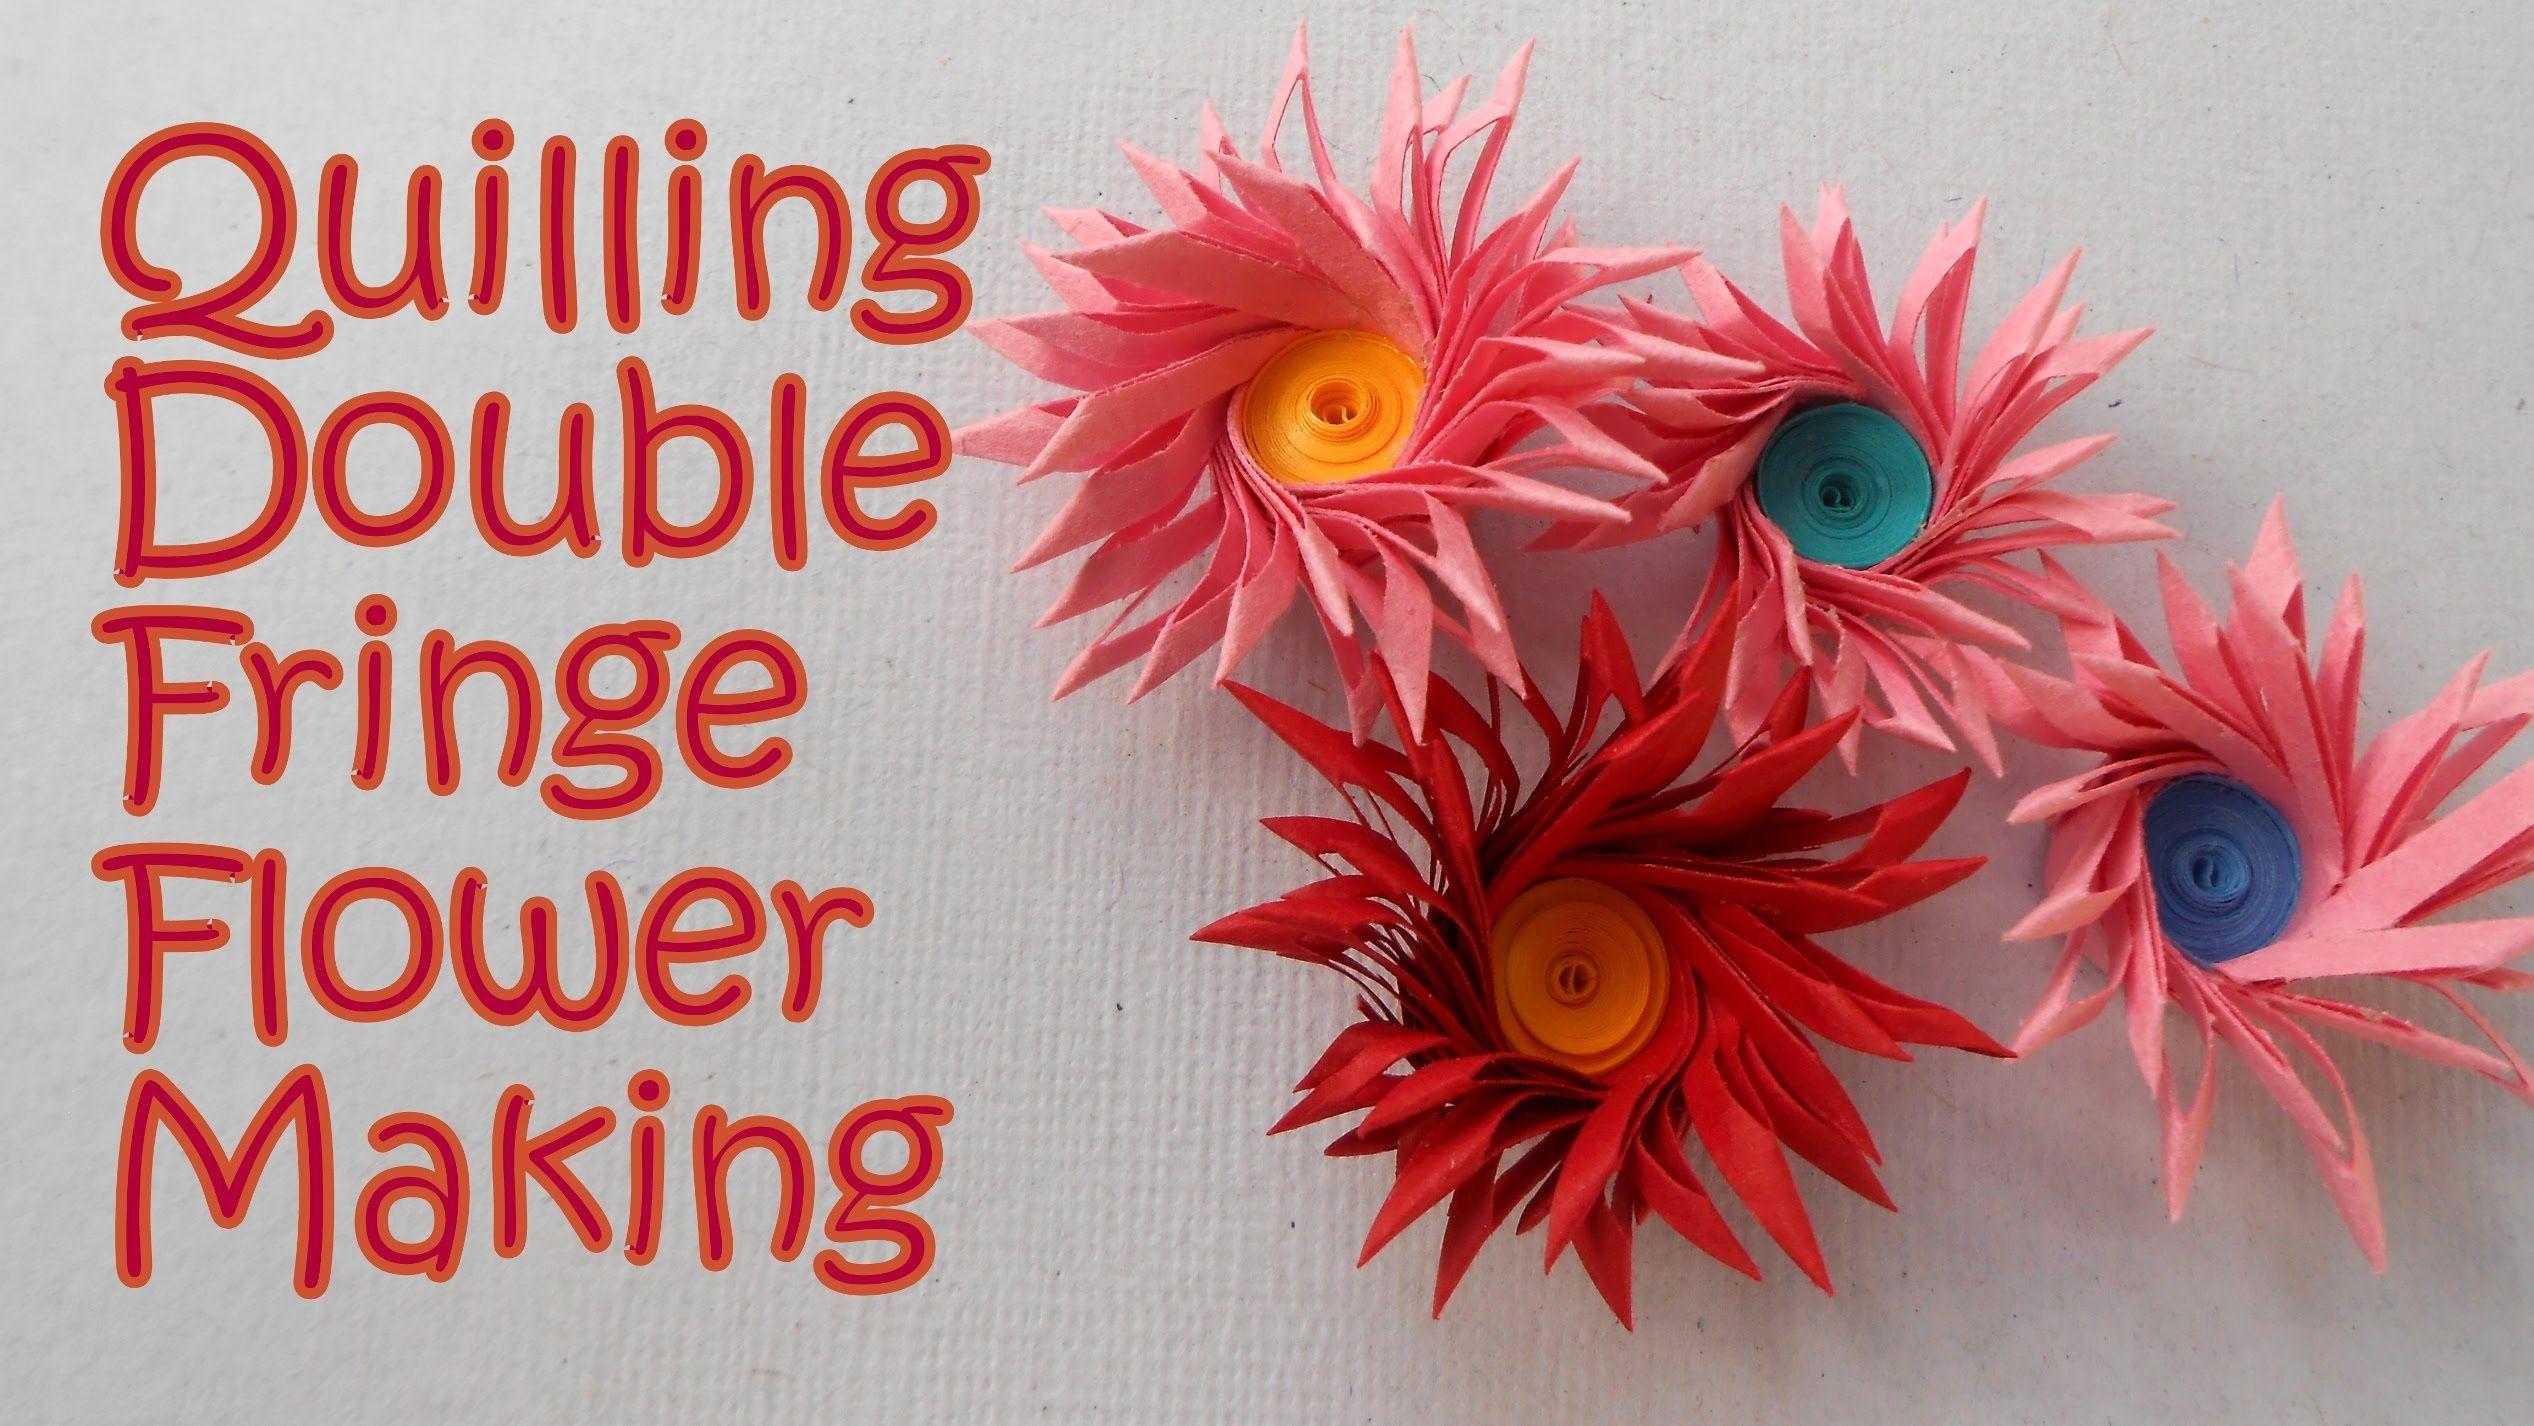 New Double Fringe Quilling Flower Making Tutorial Av Visuals